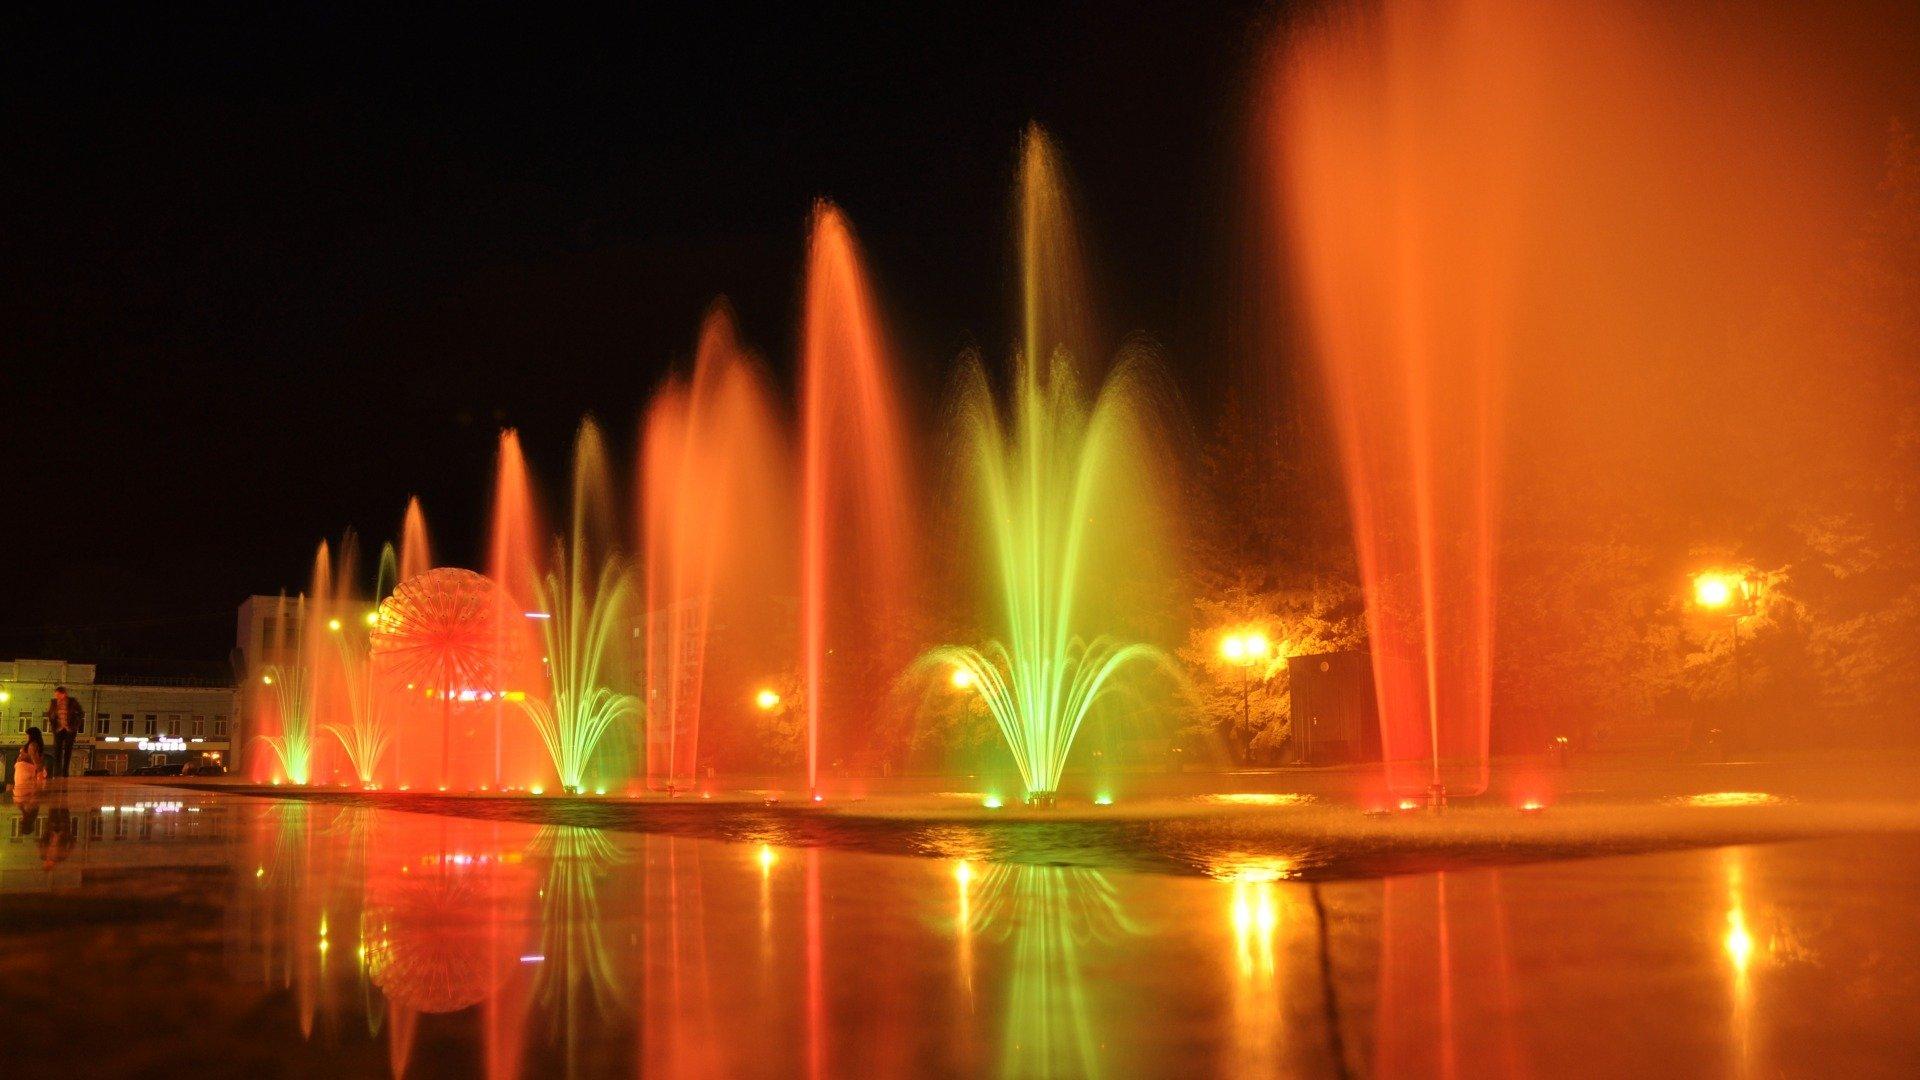 нас очень красиаые слова про фонтан для